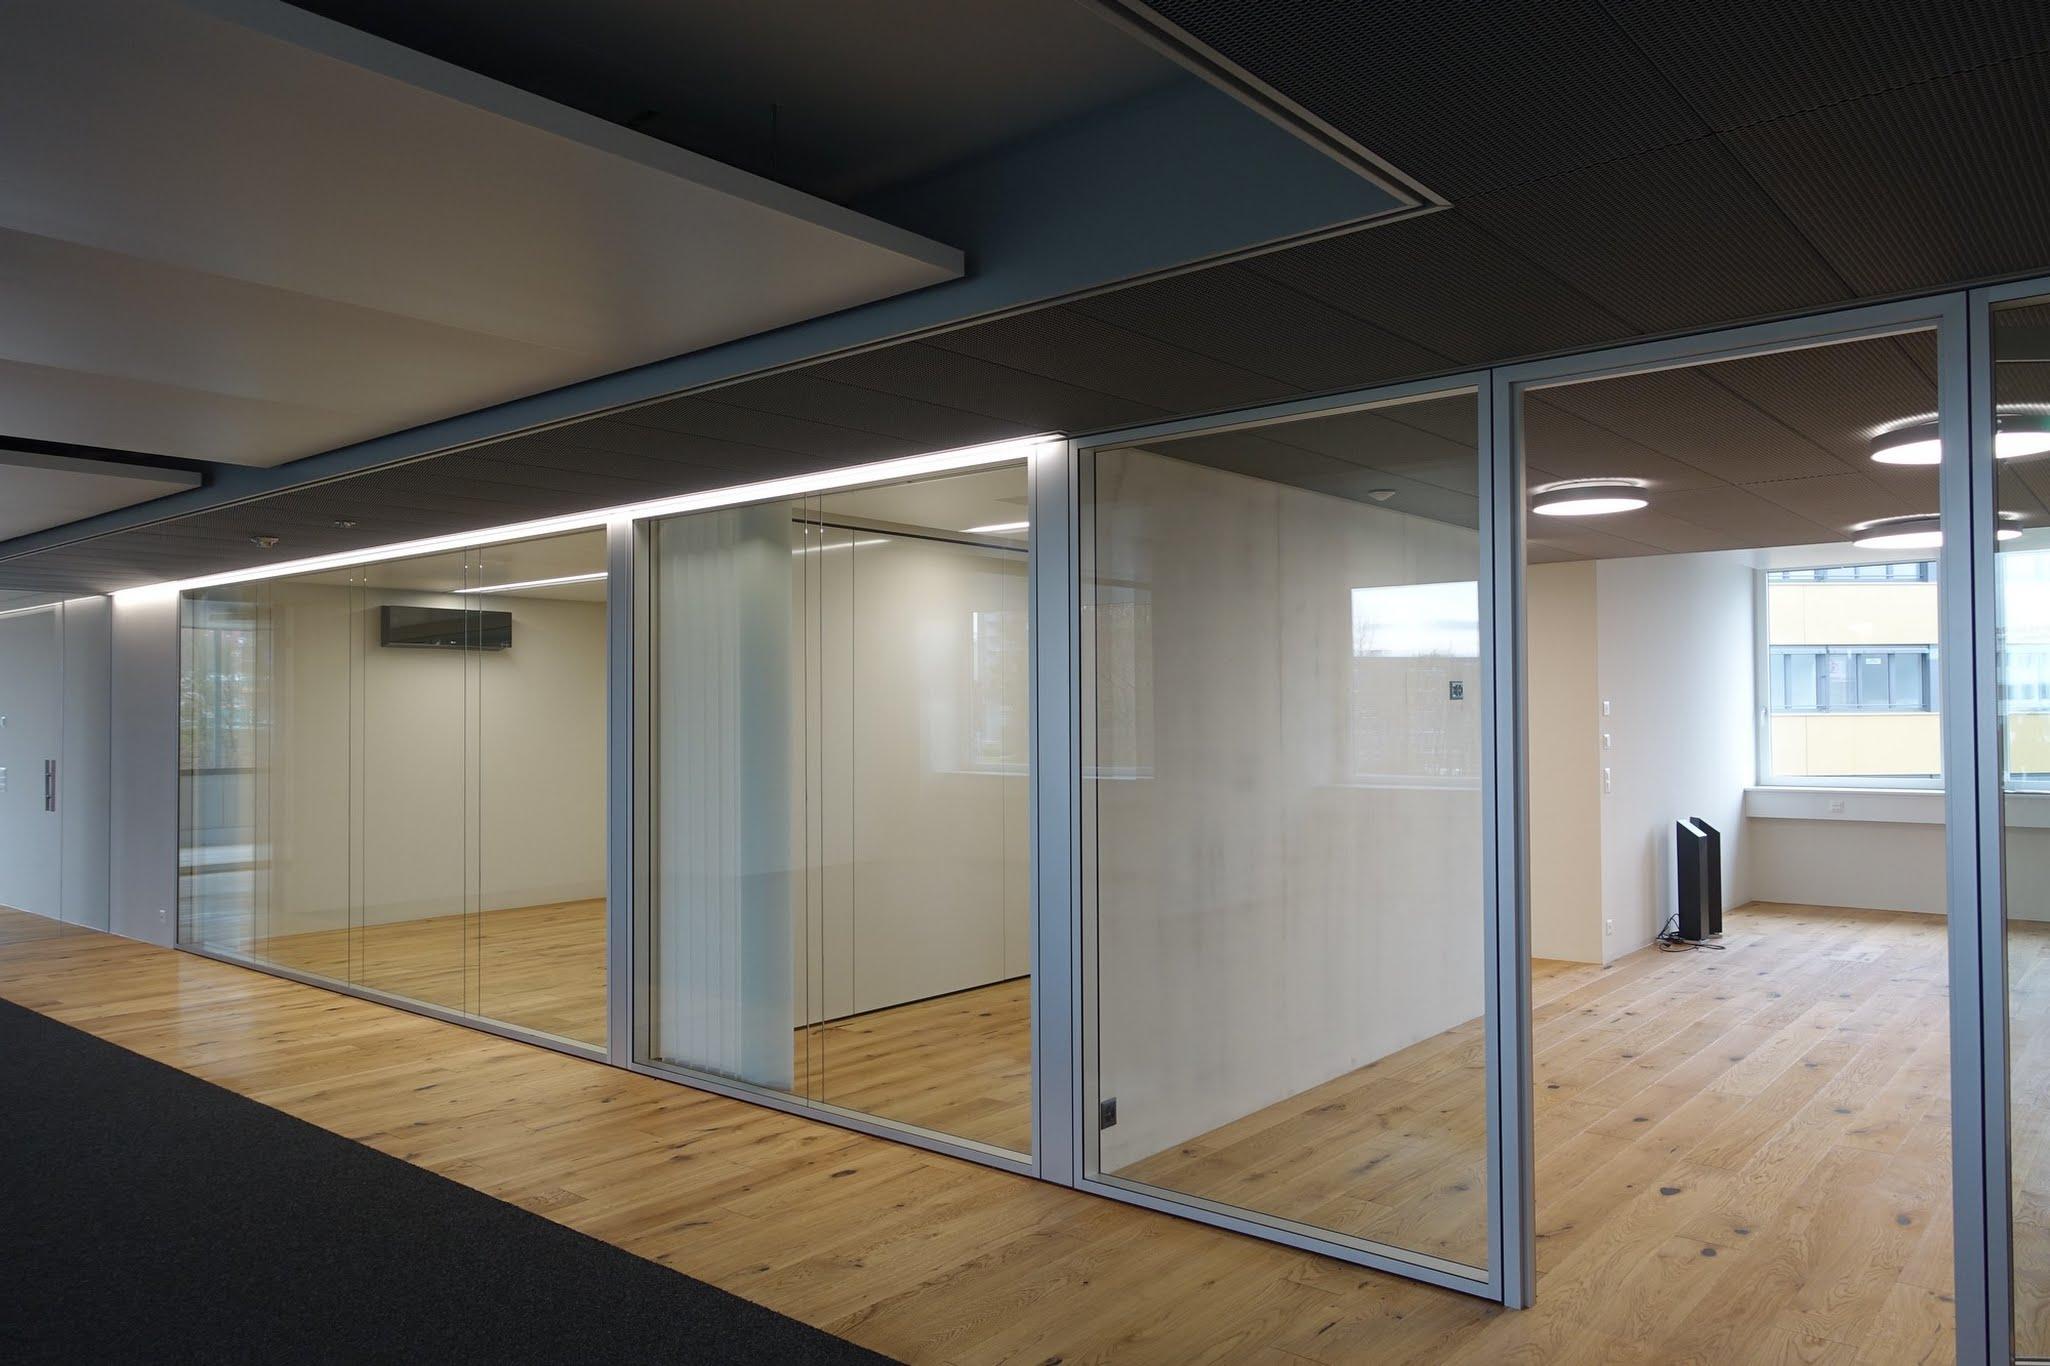 NovaPlain - Doppelverglasung,Cerutti Partner Architekten AG,Deckensystem-Wandsysteme,Trennwände Büro,Ganzglaswände,Bürotrennwand,Akustikdecken,Schallschutzdecken,Trennwände,Glaswände,Faltwände,Raumgestaltung,Trennwand Systeme